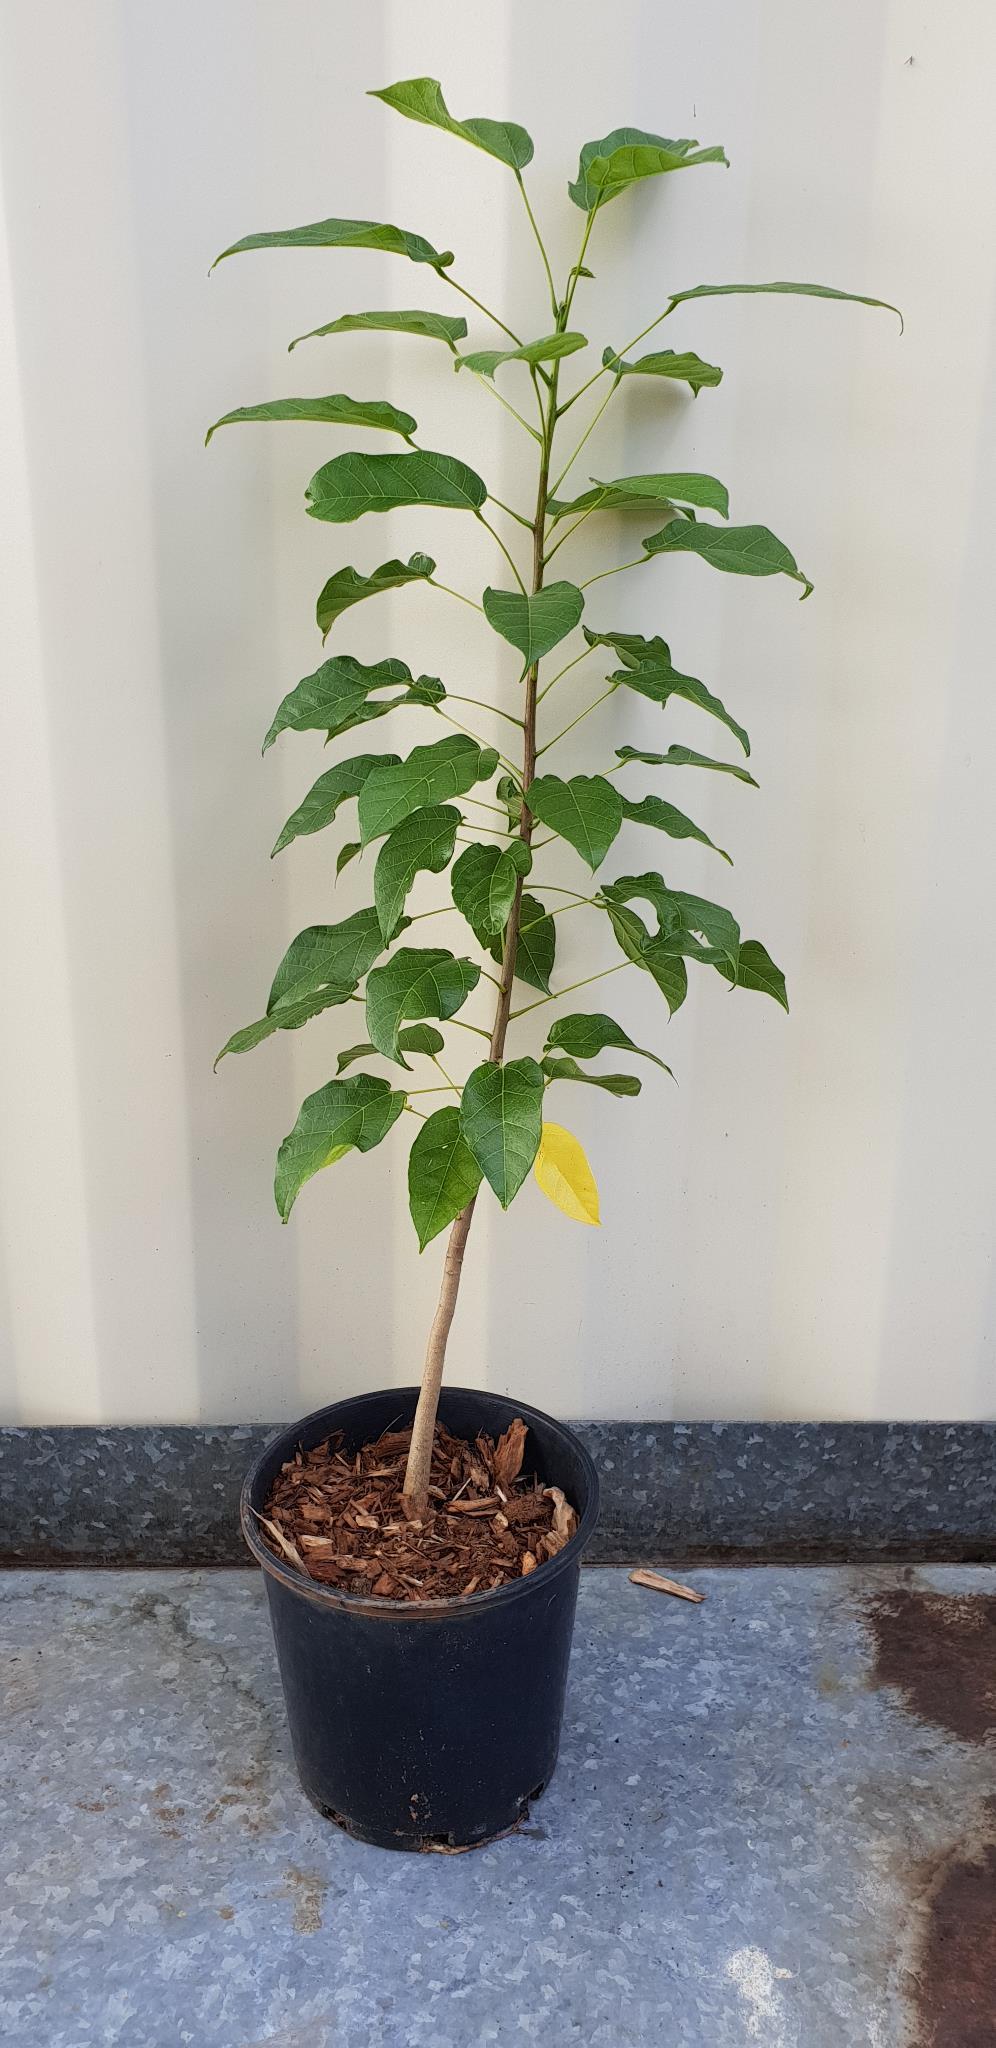 Peanut-Tree - Foliage